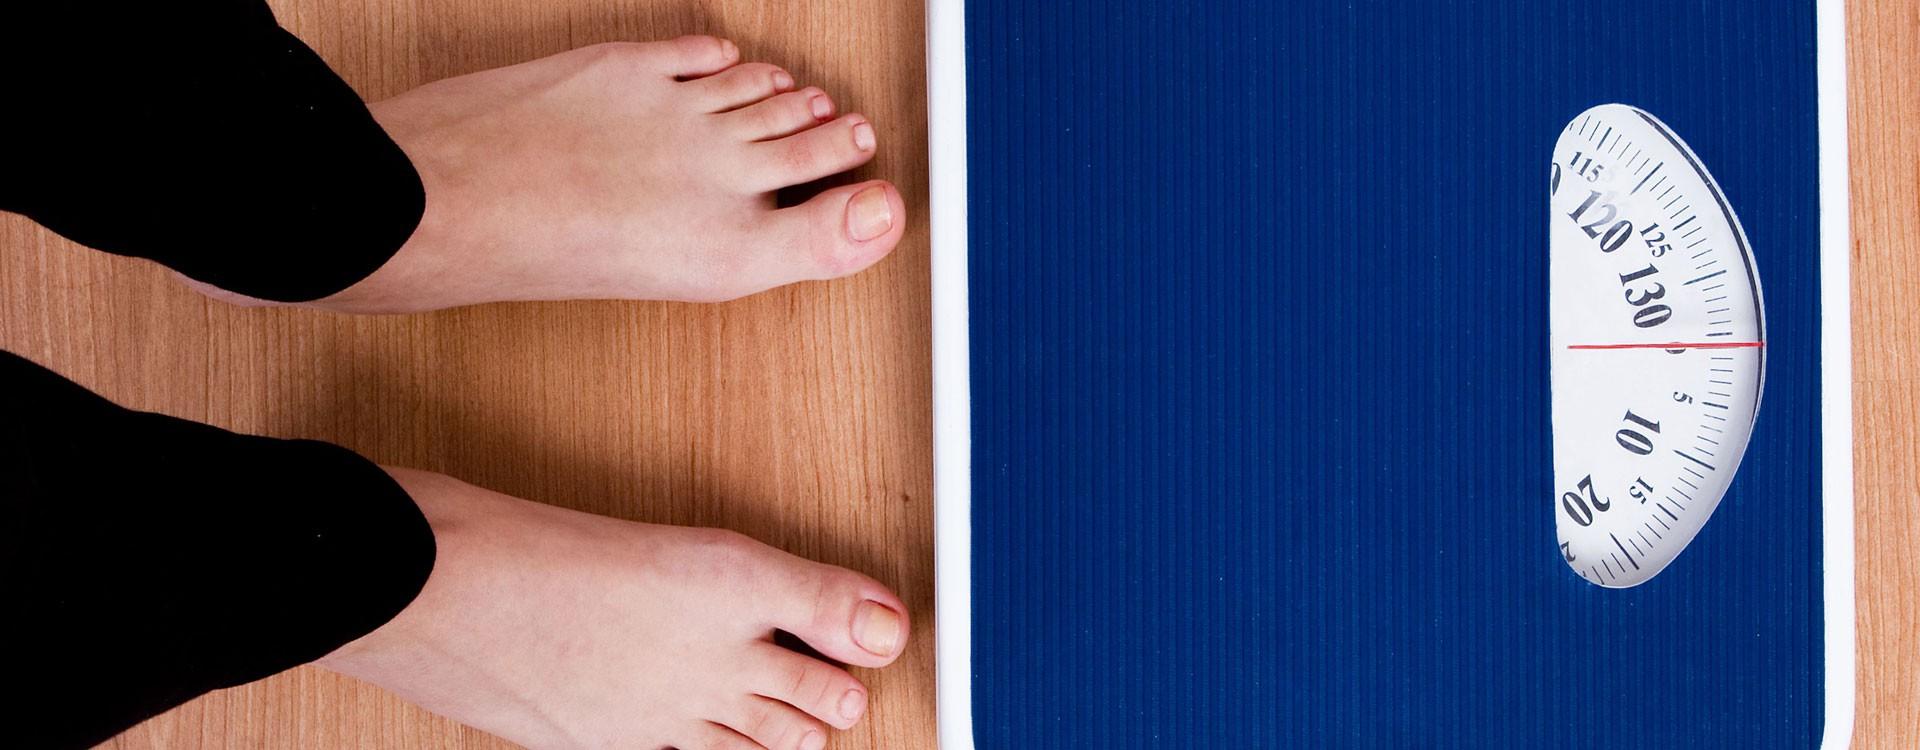 چگونه به وزن ایده آل برسیم؟ وزن مناسب شما چند کیلو است؟